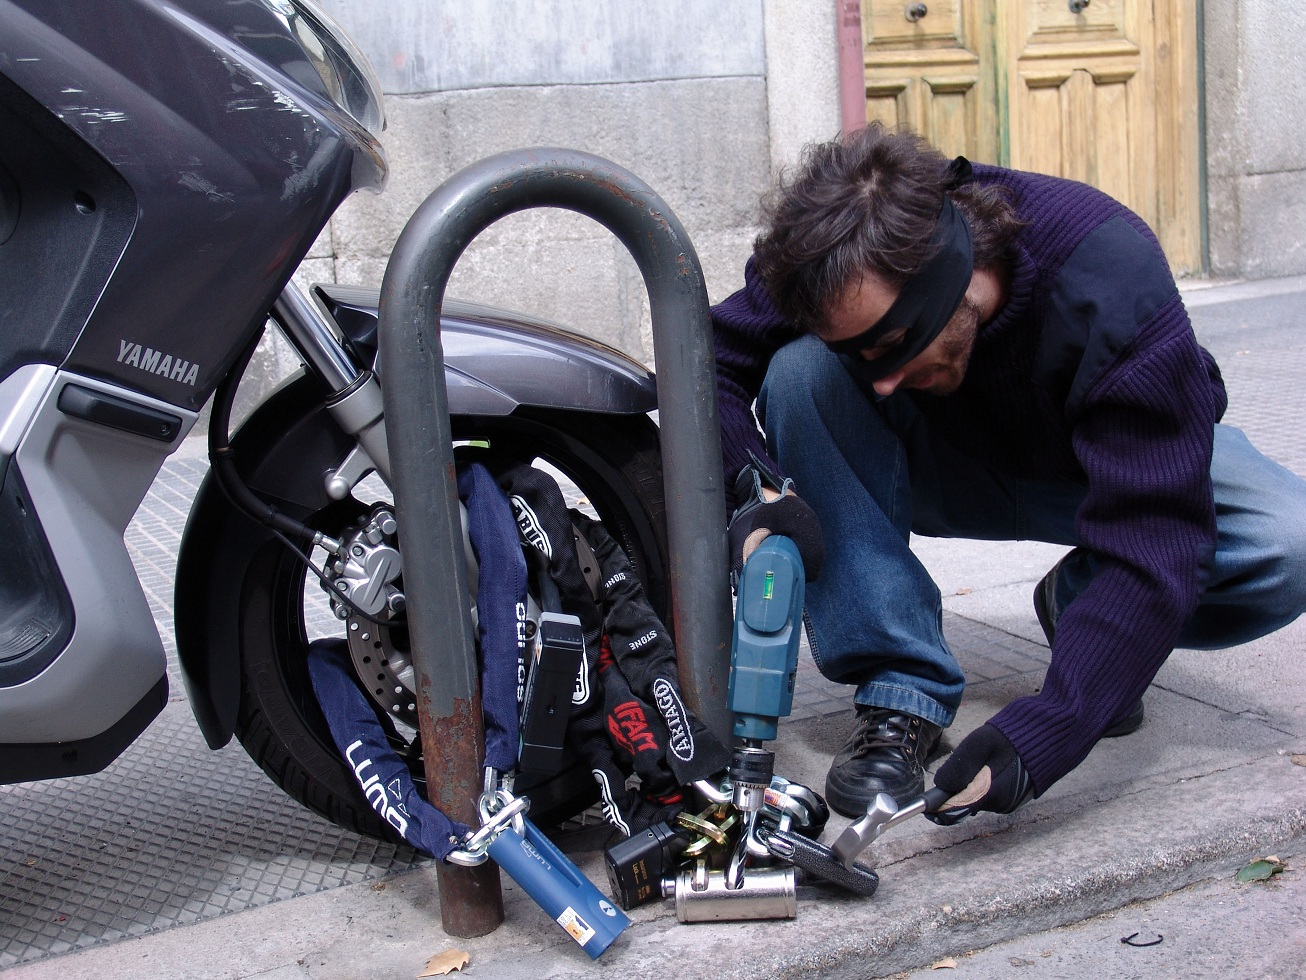 Desarticulada una banda organizada de robos de motos